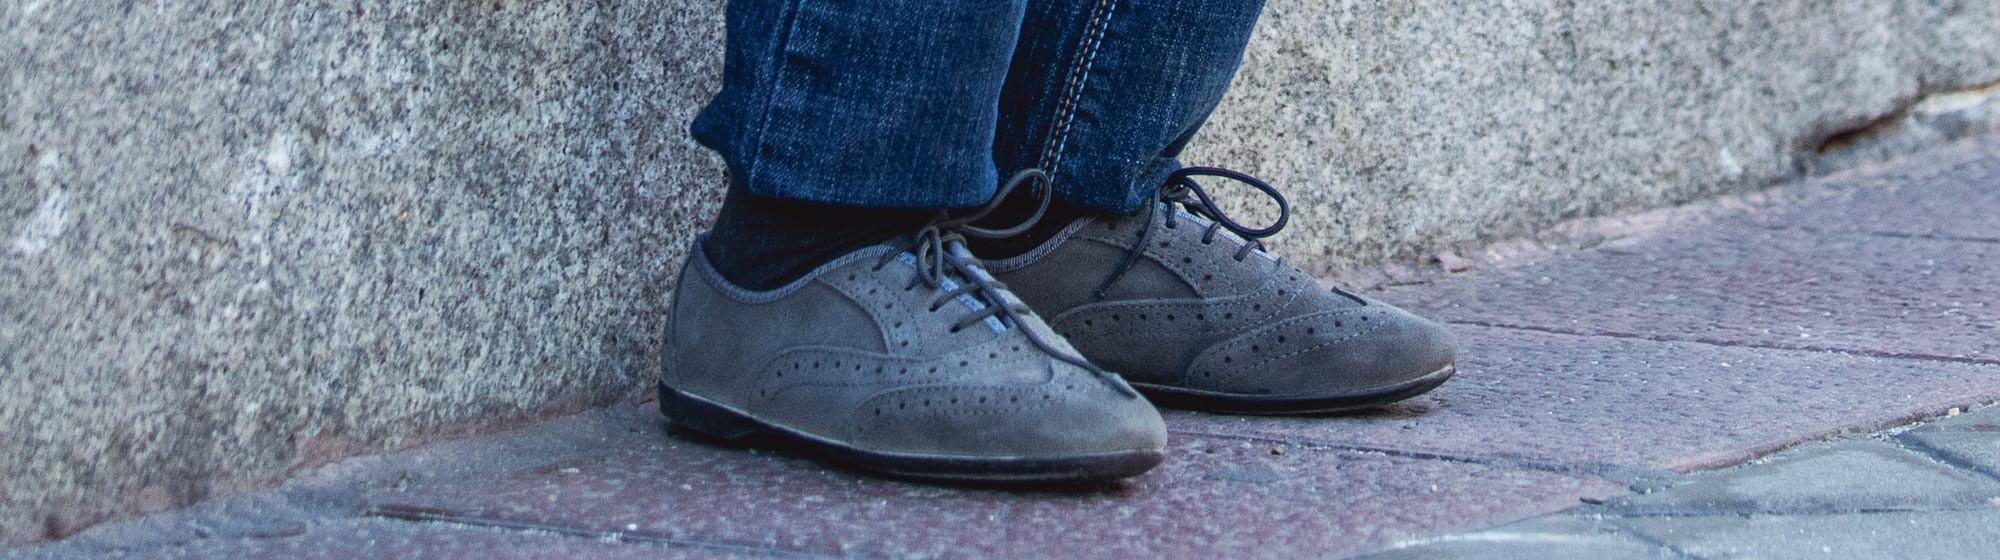 Chaussures blucher